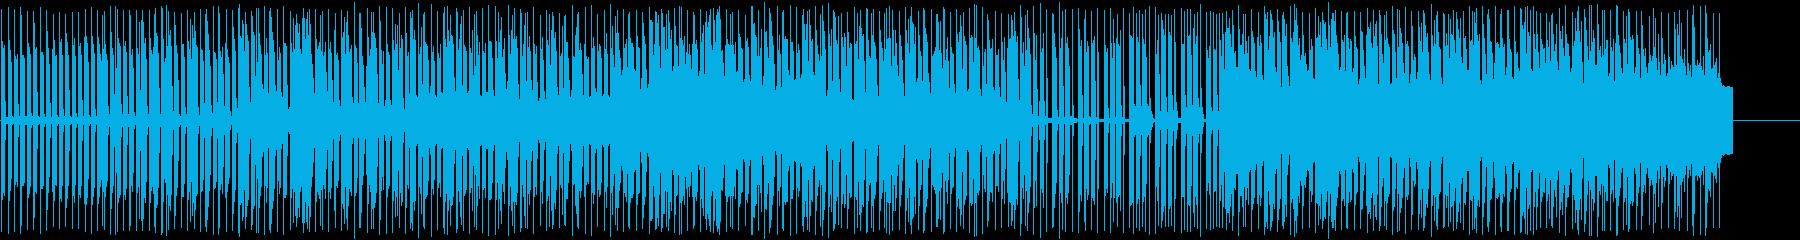 4つ打ちにピアノメロディーの再生済みの波形